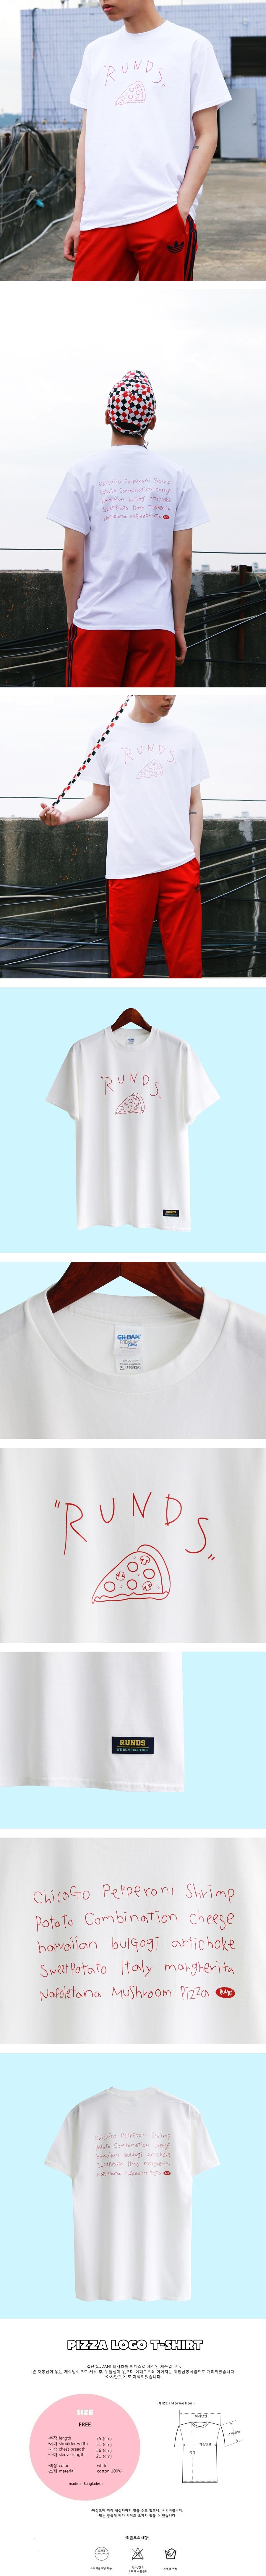 런디에스(RUNDS) 피자 로고 티셔츠 (화이트)